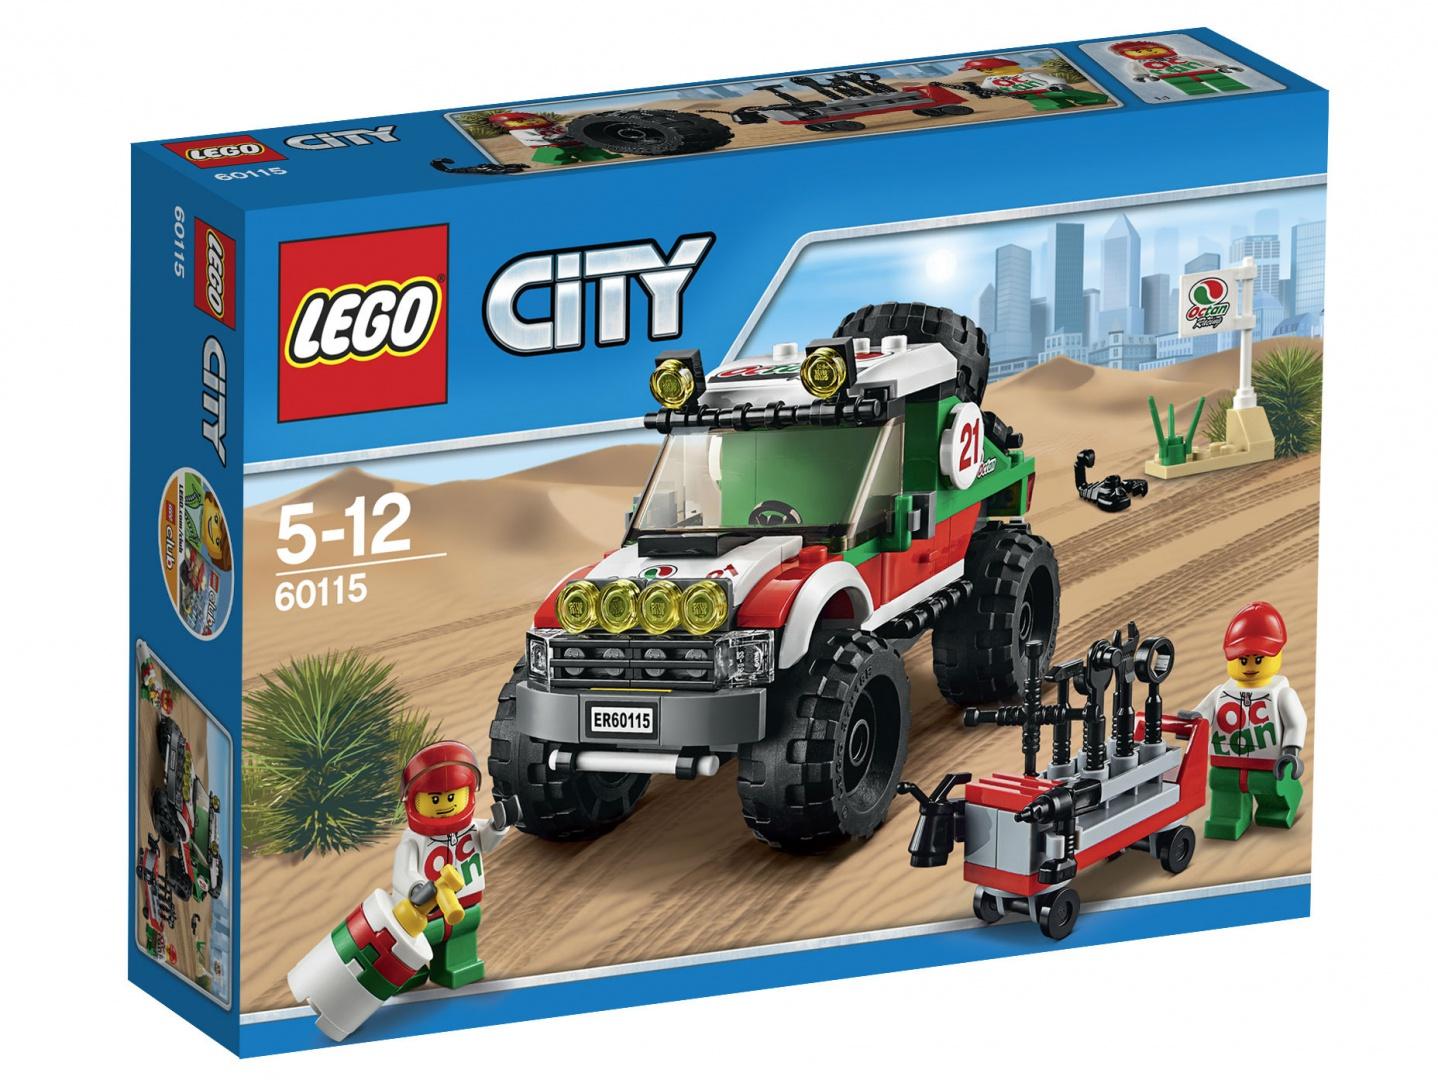 LEGO City Конструктор Внедорожник 4x4 6011560115Конструктор Lego City Внедорожник 4x4 приведет в восторг любого ребенка, ведь все дети обожают знаменитые конструкторы Lego. Конструктор содержит 176 пластиковых элементов, с помощью которых малыш сможет собрать небольшую сценку из жизни Города Lego. Подготовь внедорожник 4х4 к большой гонке по пустыне! Проверь запаску и убедись, что она накачана, а затем заполни переносной топливный бак. Используй инструменты, чтобы проверить грузовик, и пристегни водителя ремнём. Весь Lego City охвачен предвкушением гонки! В комплекте: элементы для сборки гоночного внедорожника, фигурки двух водителей, а также дополнительные аксессуары, которые разнообразят игру. Колесики машинки вращаются, а благодаря рельефной поверхности колес она великолепно скользит по любой поверхности. Игры с конструкторами помогут ребенку развить воображение, внимательность, пространственное мышление и творческие способности. Такой конструктор надолго займет внимание малыша и непременно станет его любимой...